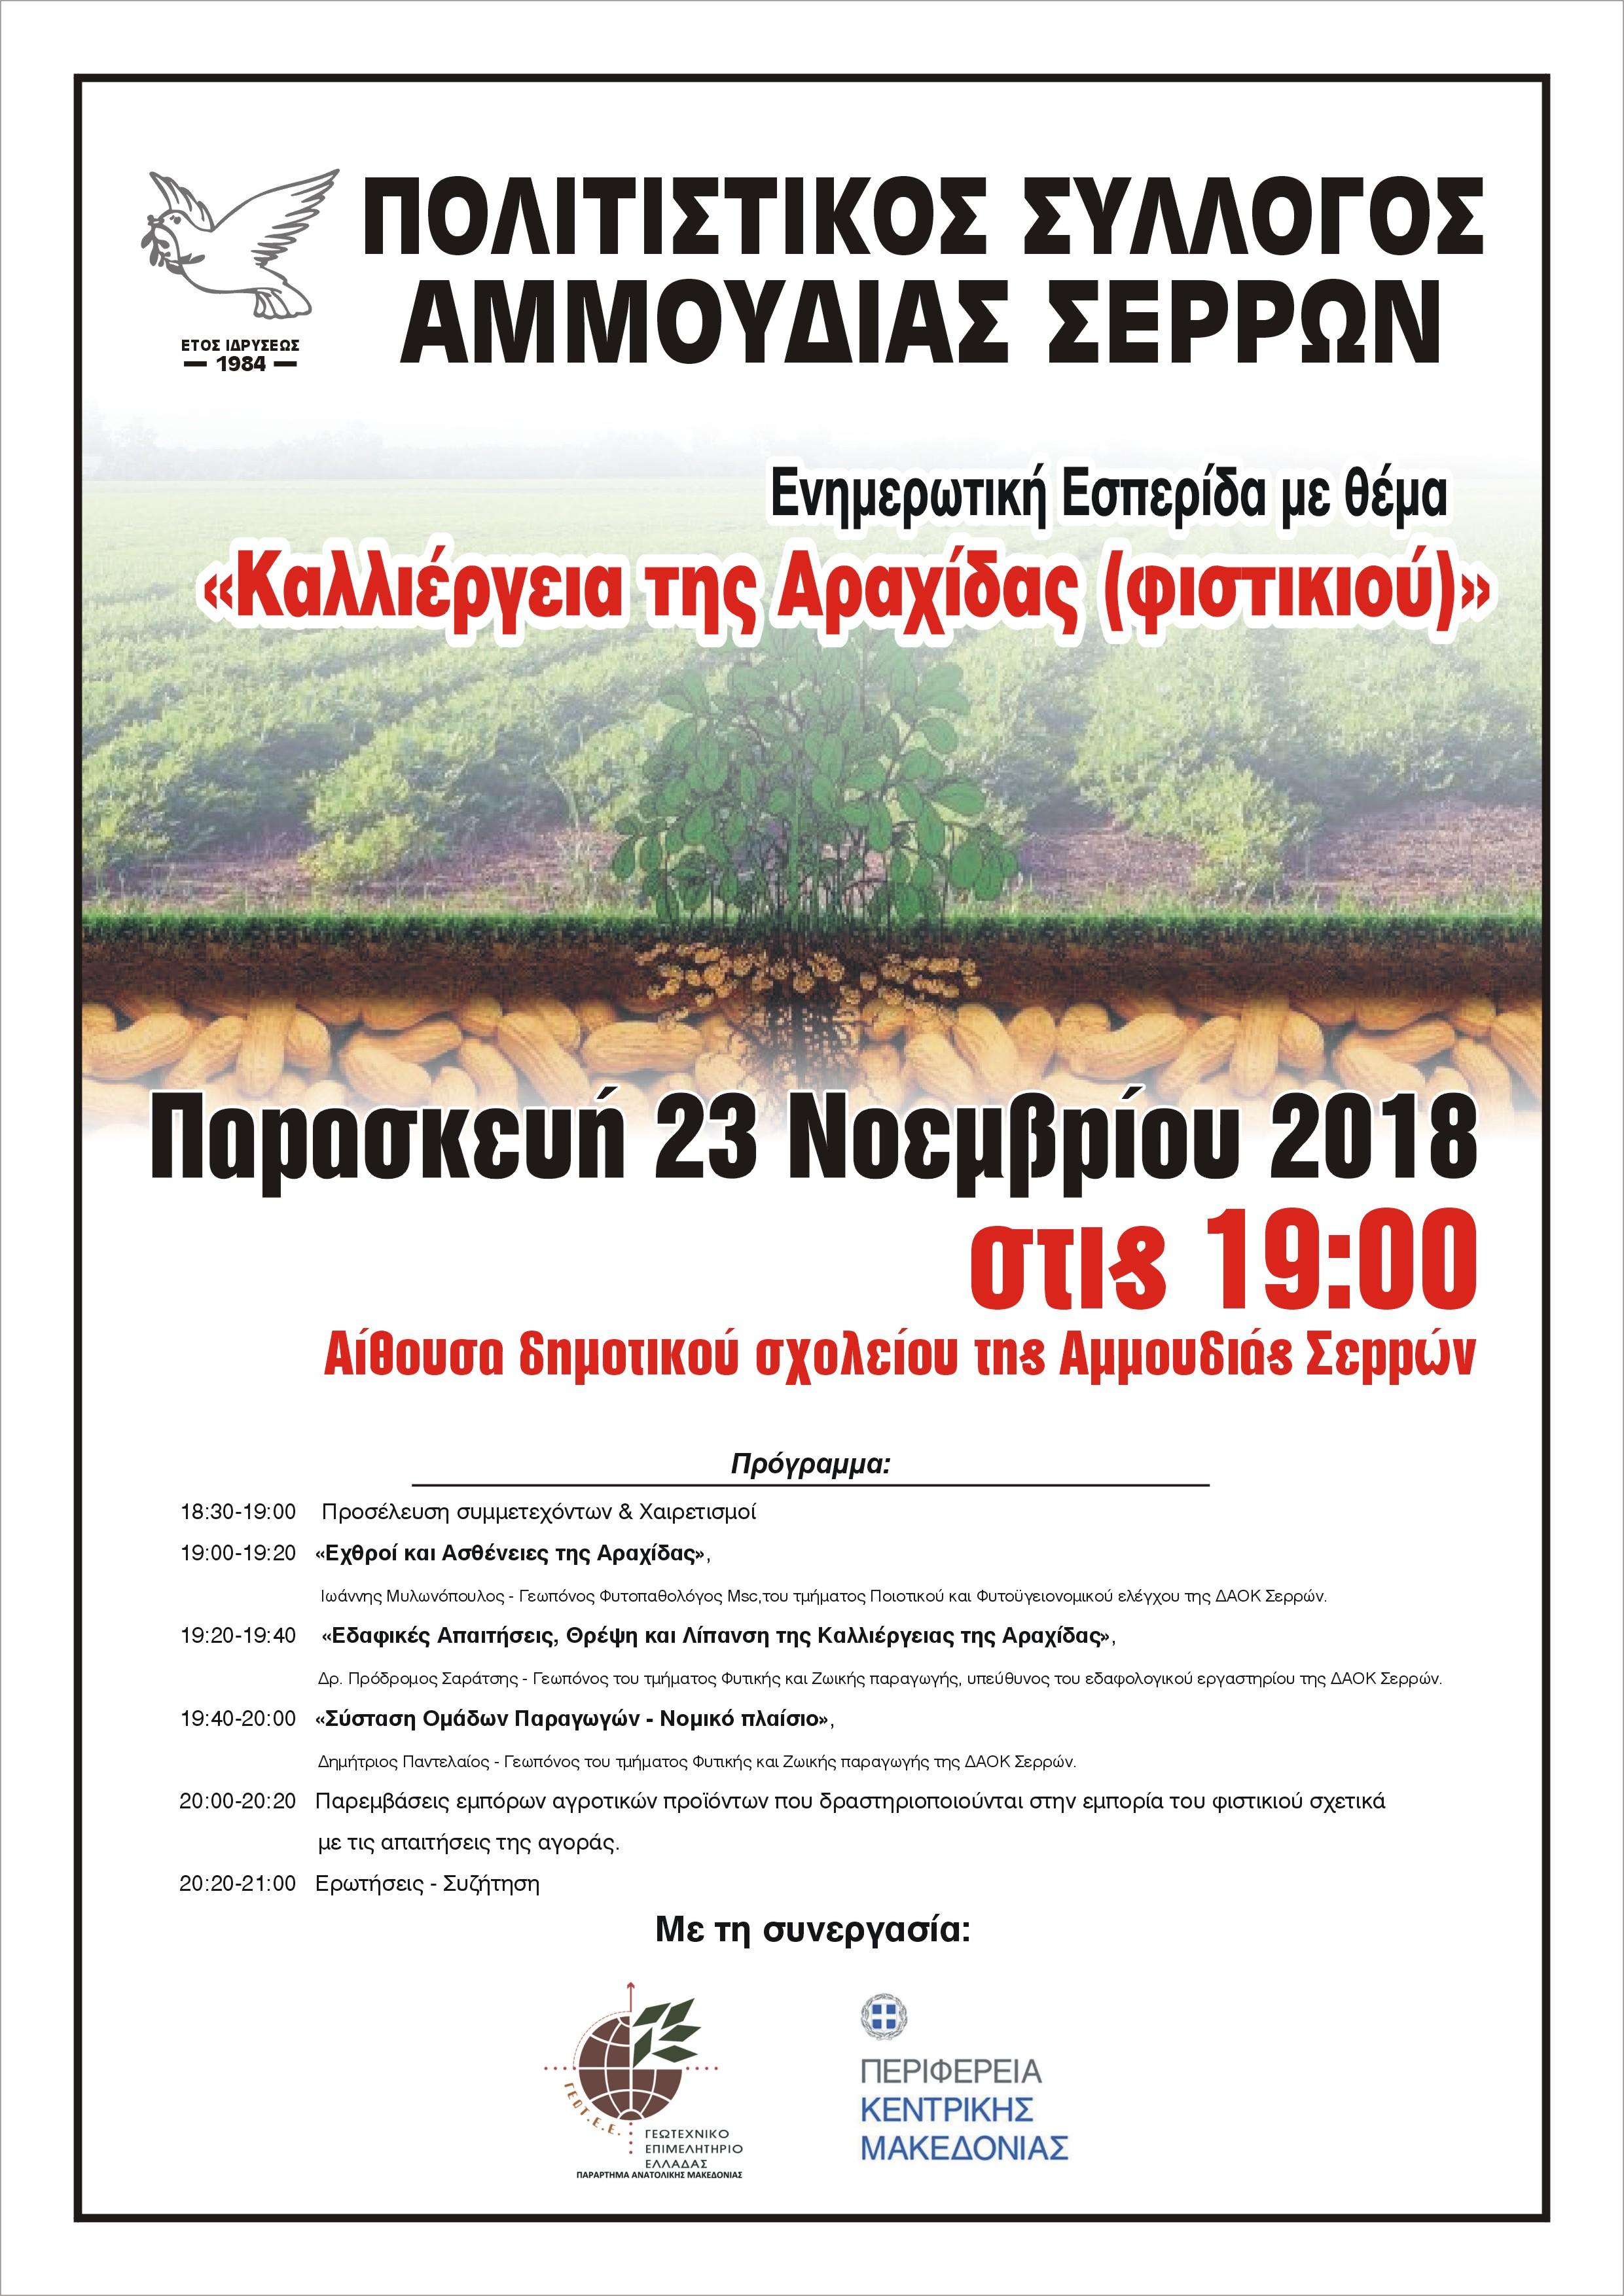 Ενημερωτική Εσπερίδα - για την καλλιέργεια της Αραχίδας στις Σέρρες